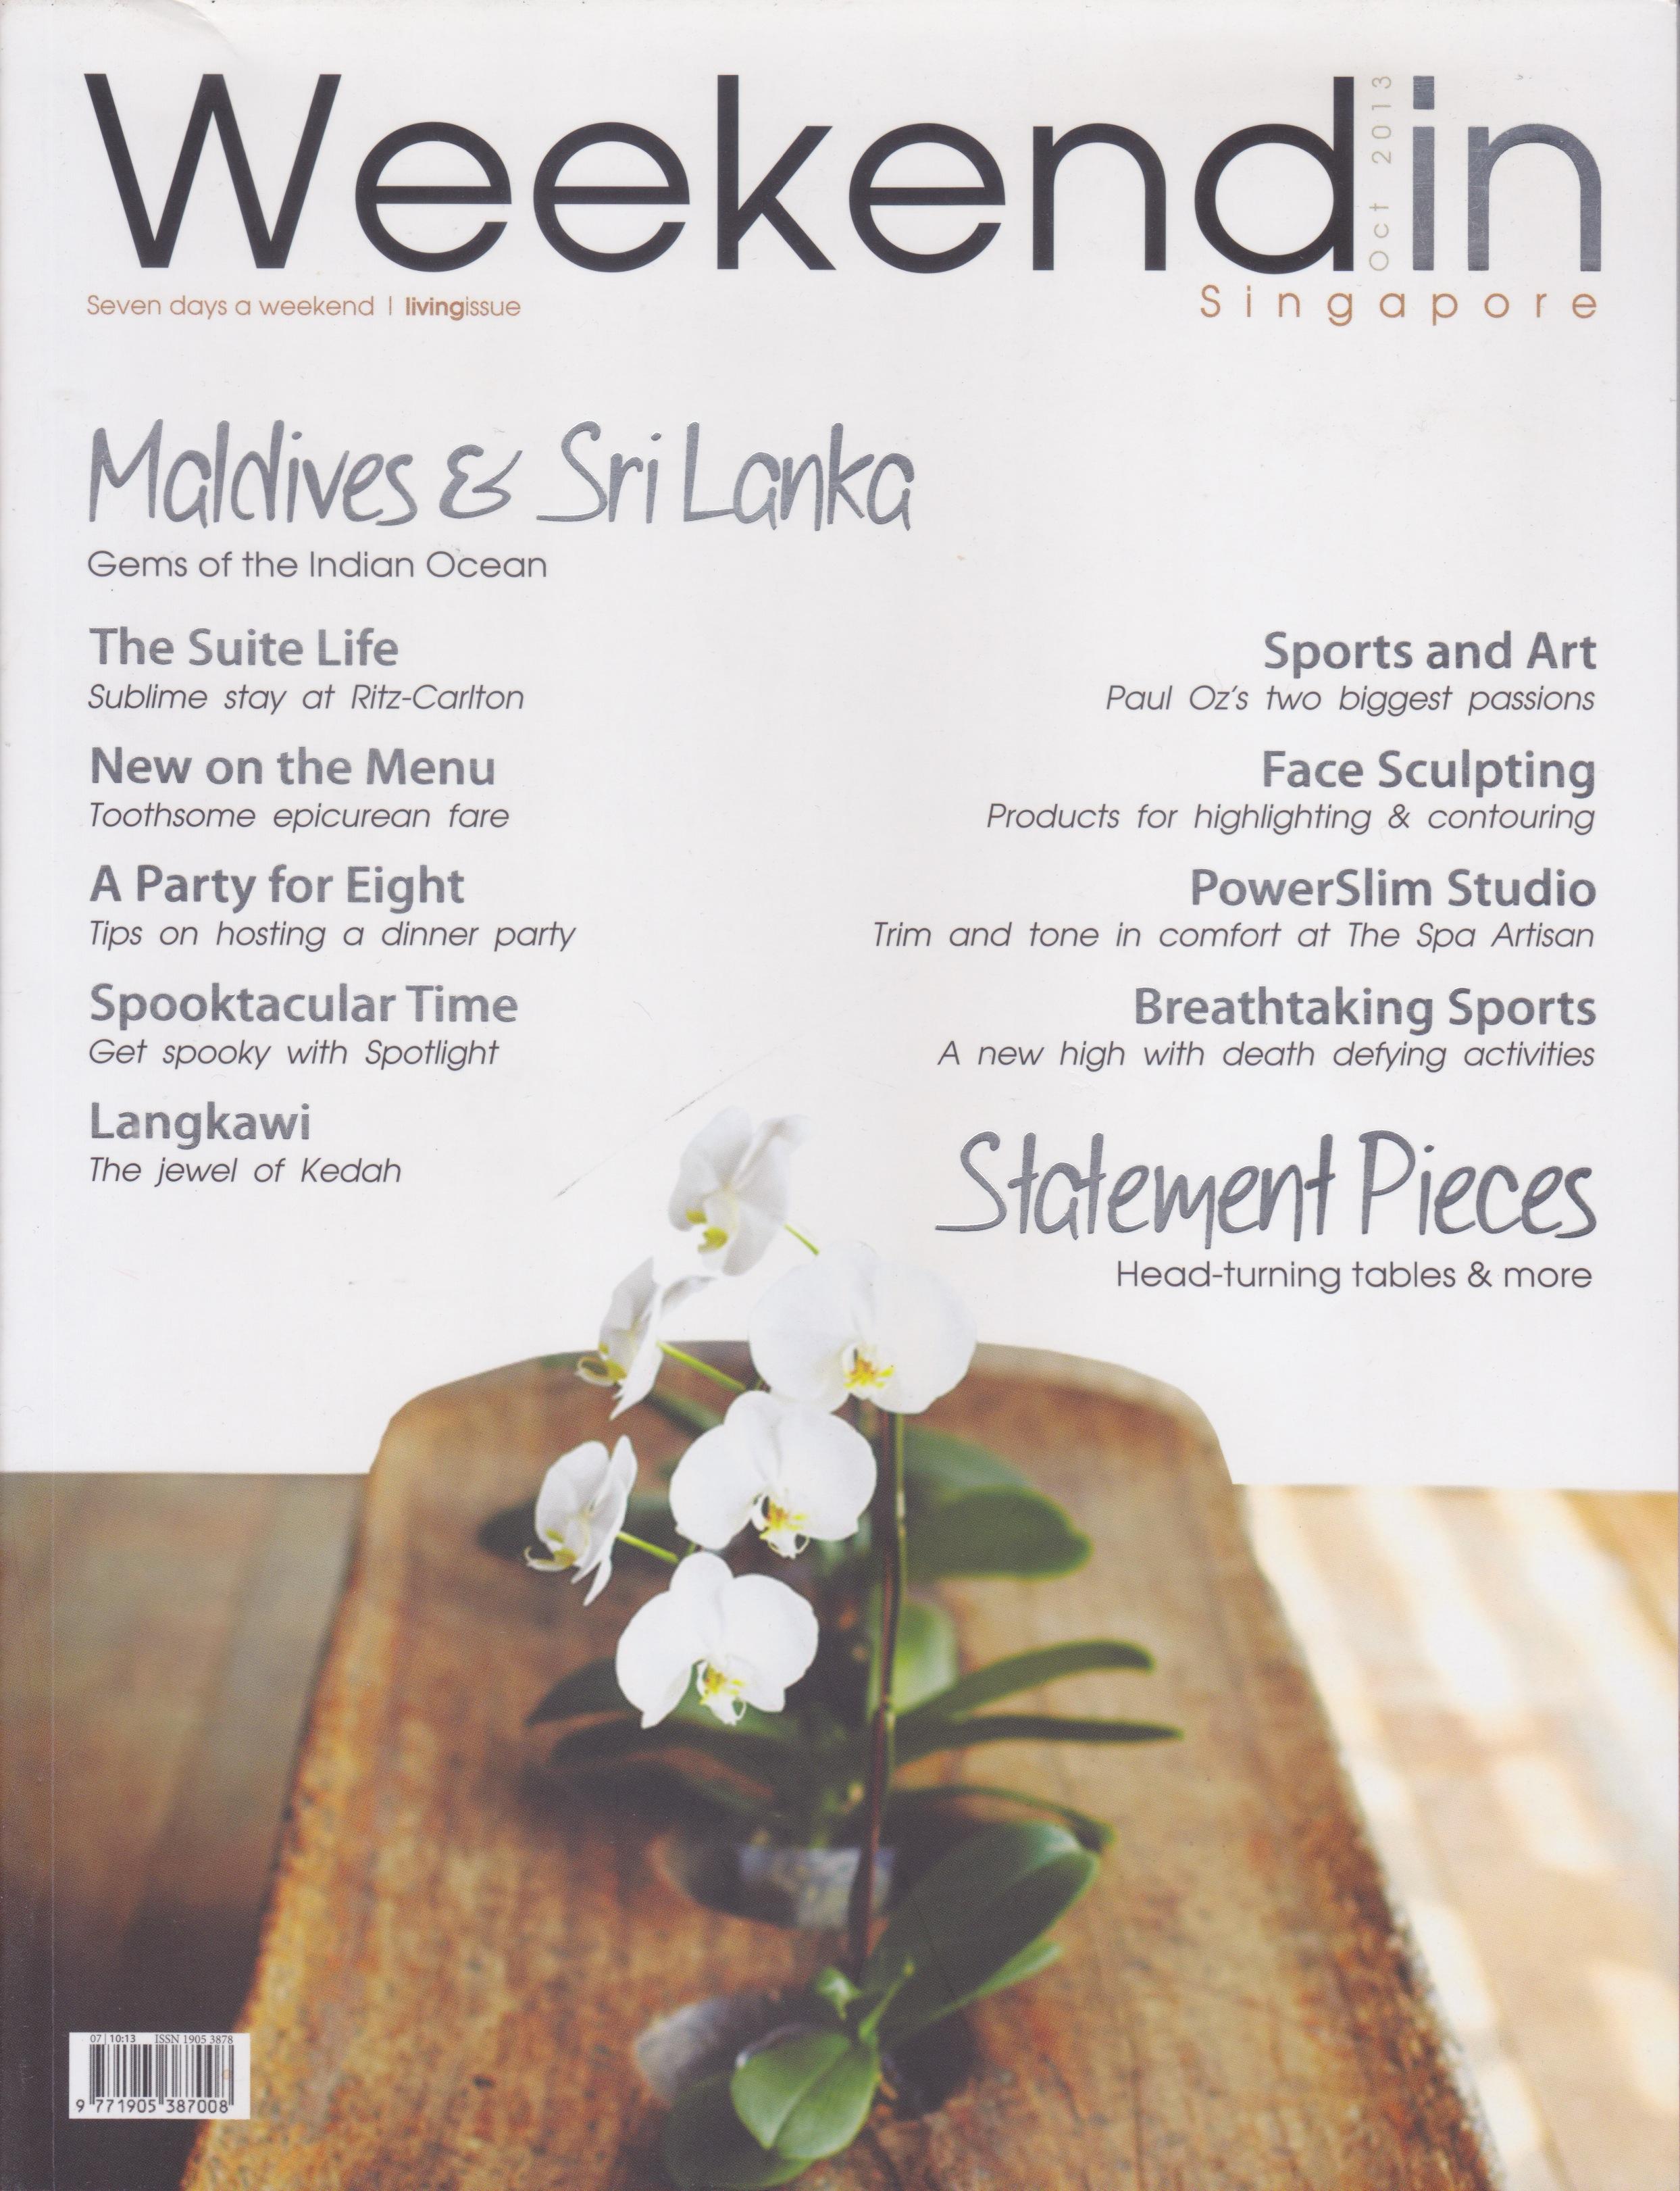 WeekendIn_Oct2013_Cover.jpeg